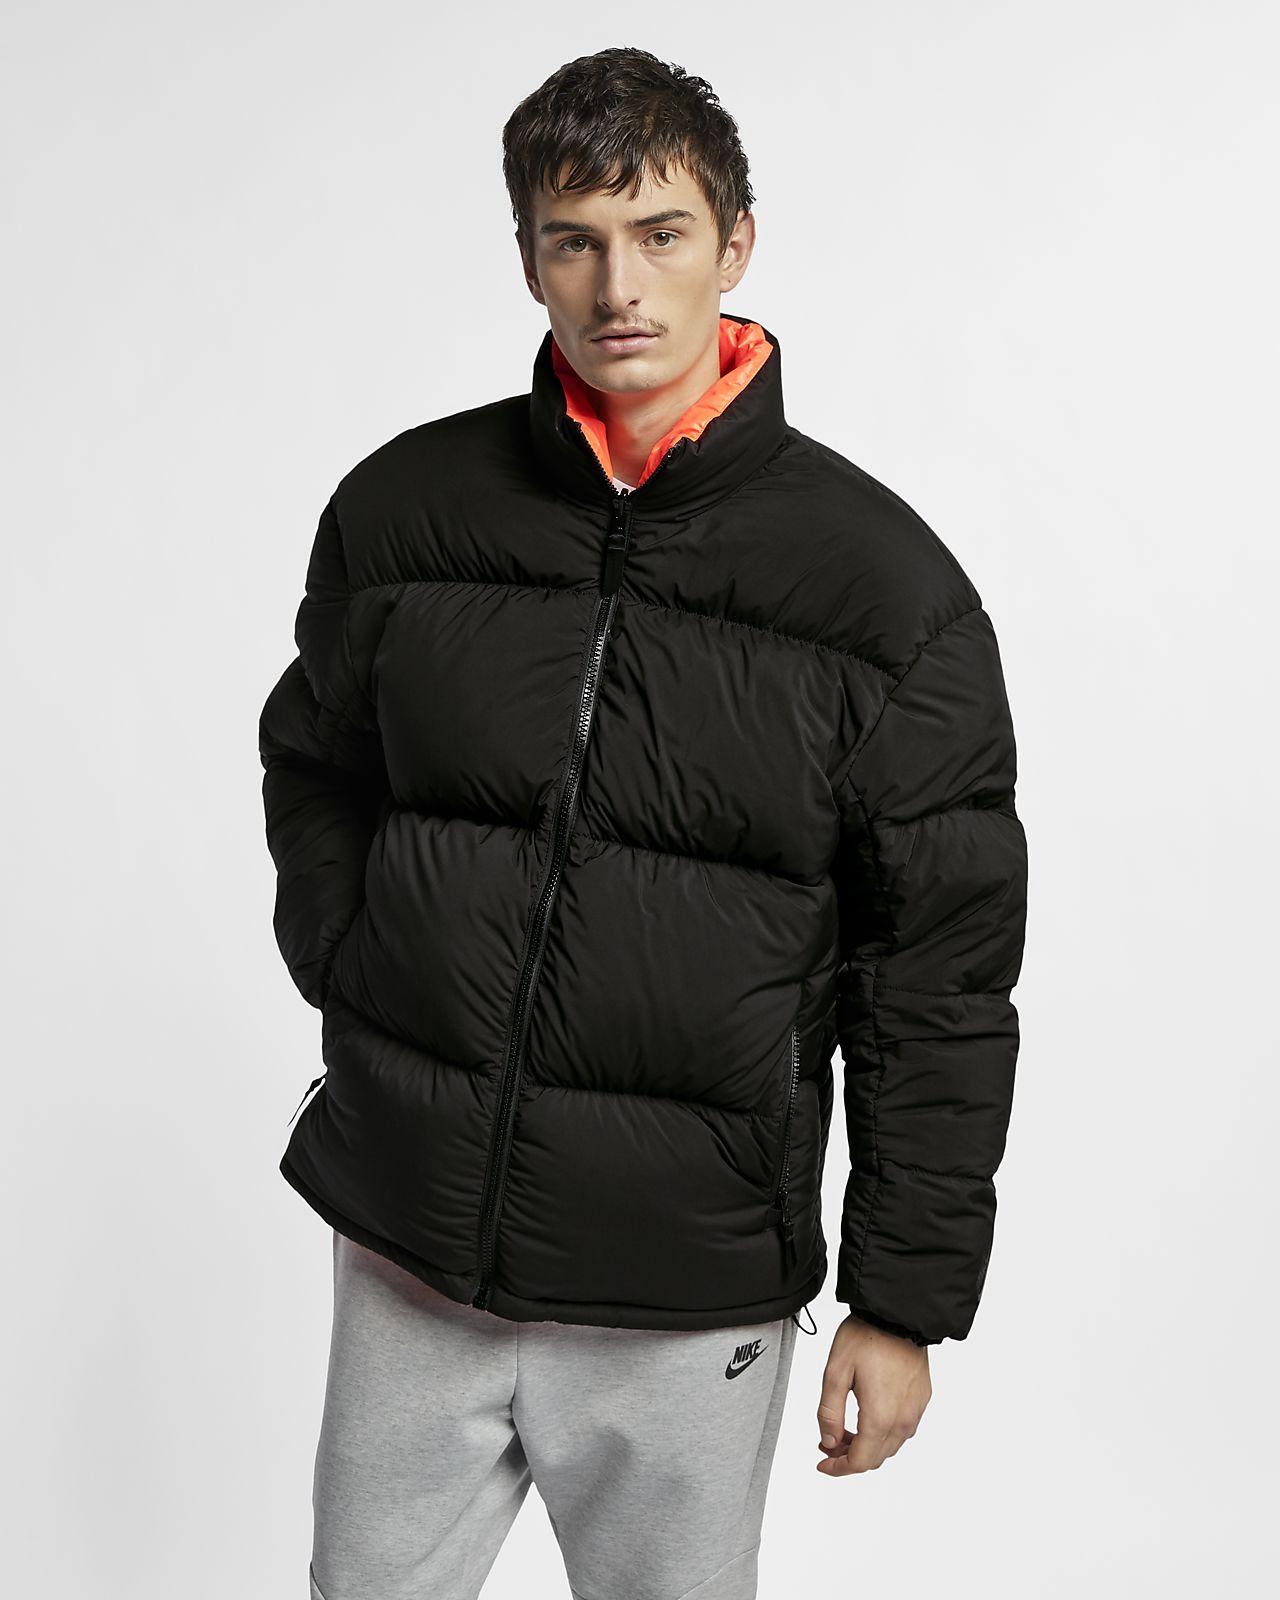 486ec04534df NikeLab Collection férfi pufi kabát. Nike.com HU